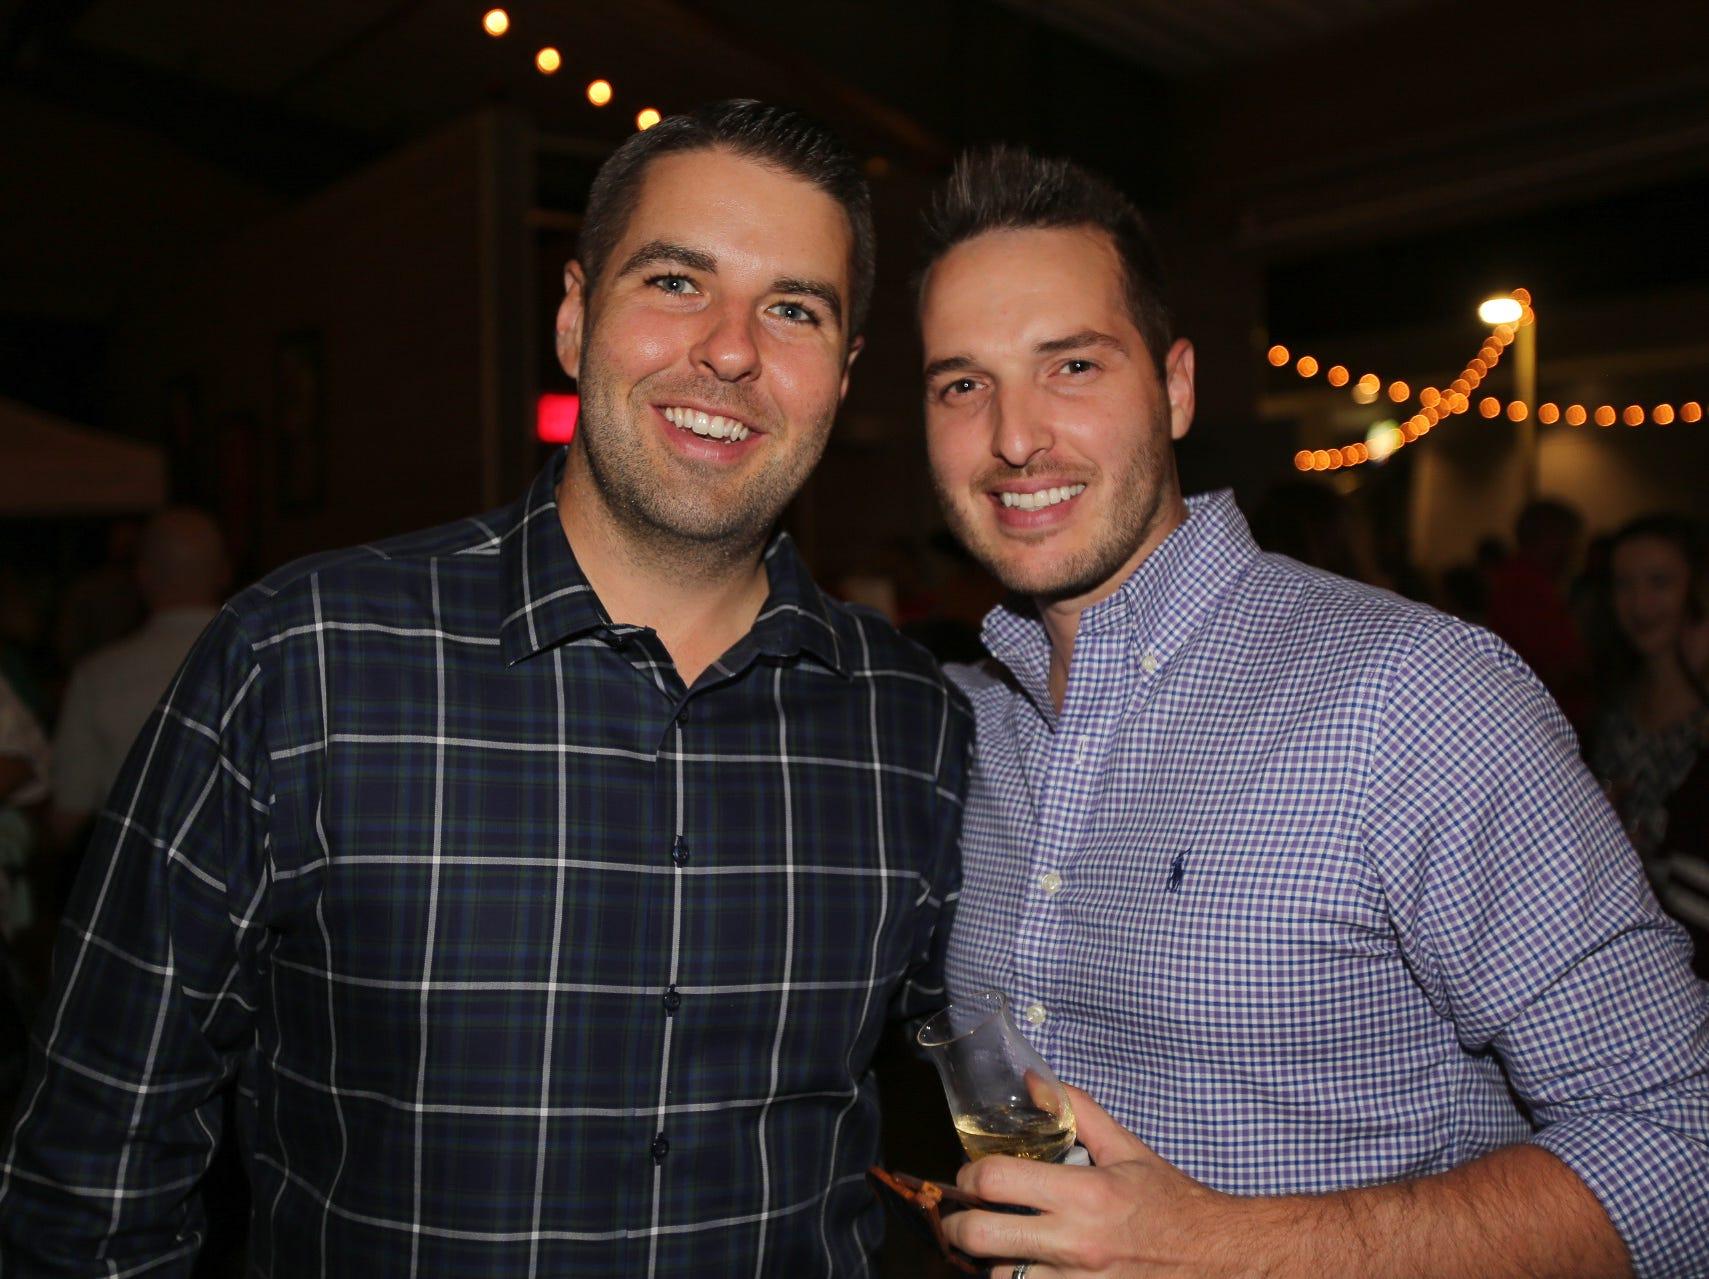 Brandon Adamick and Wes Castillo